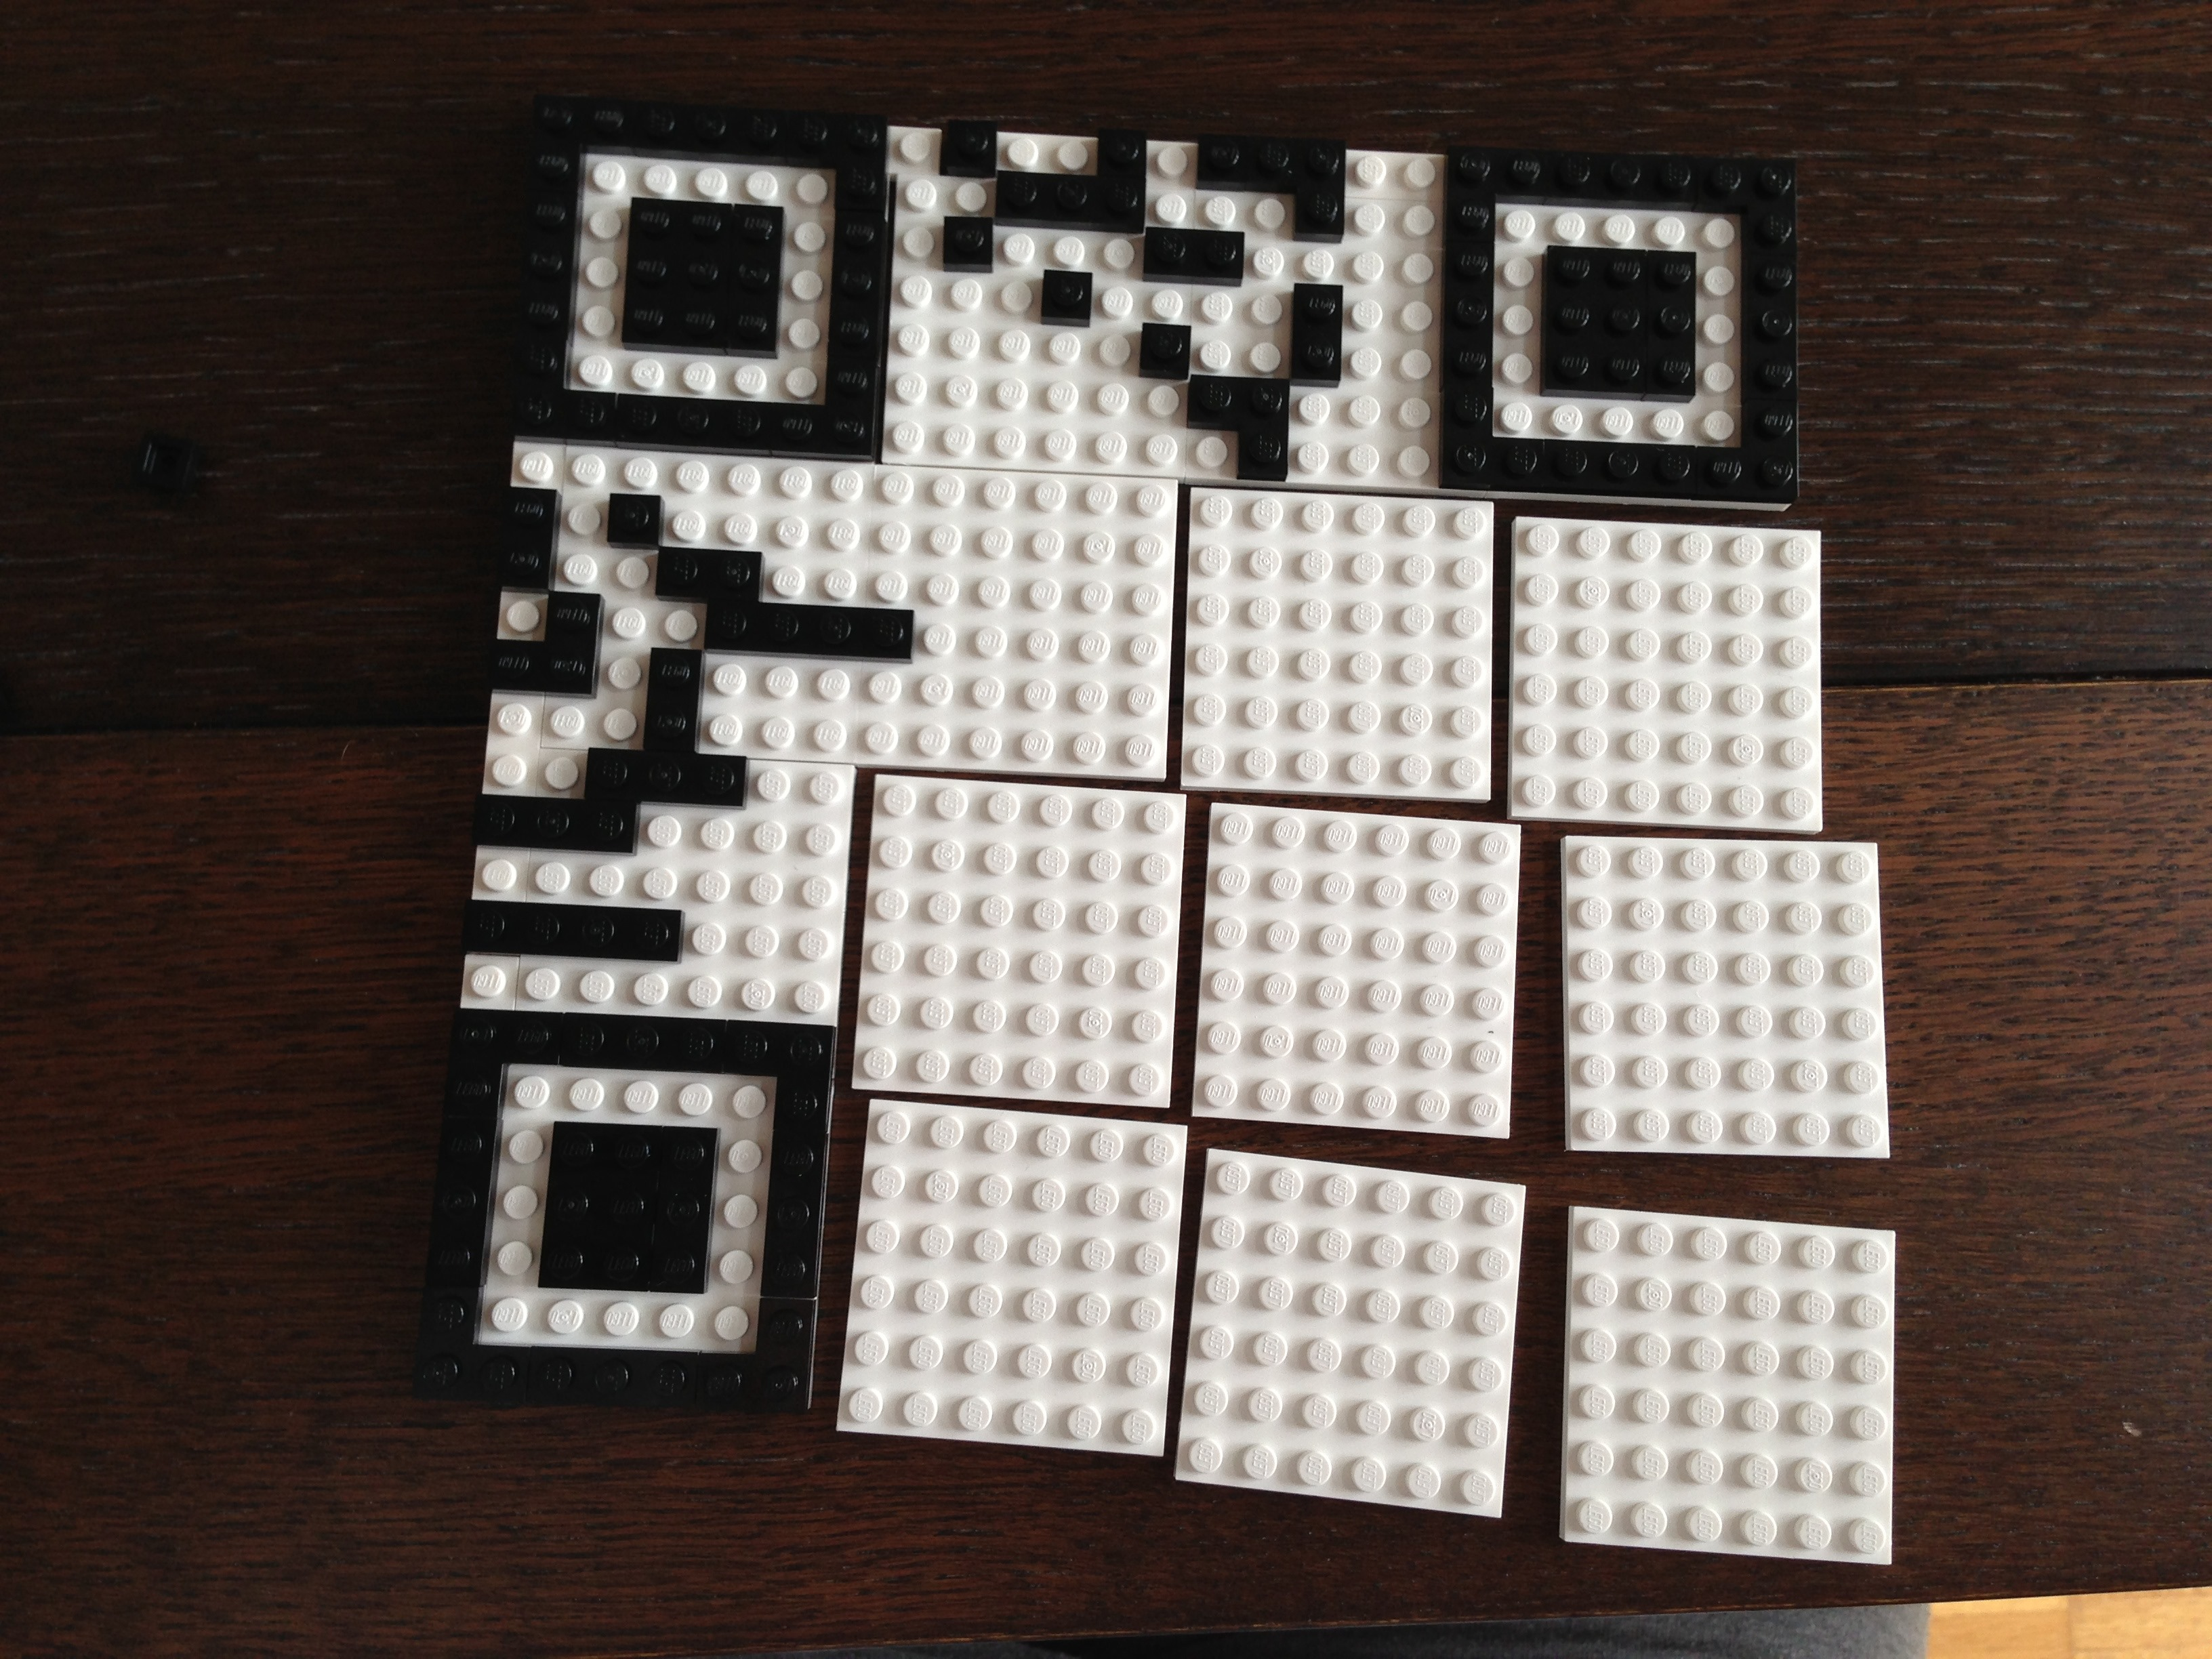 Lego QR 8